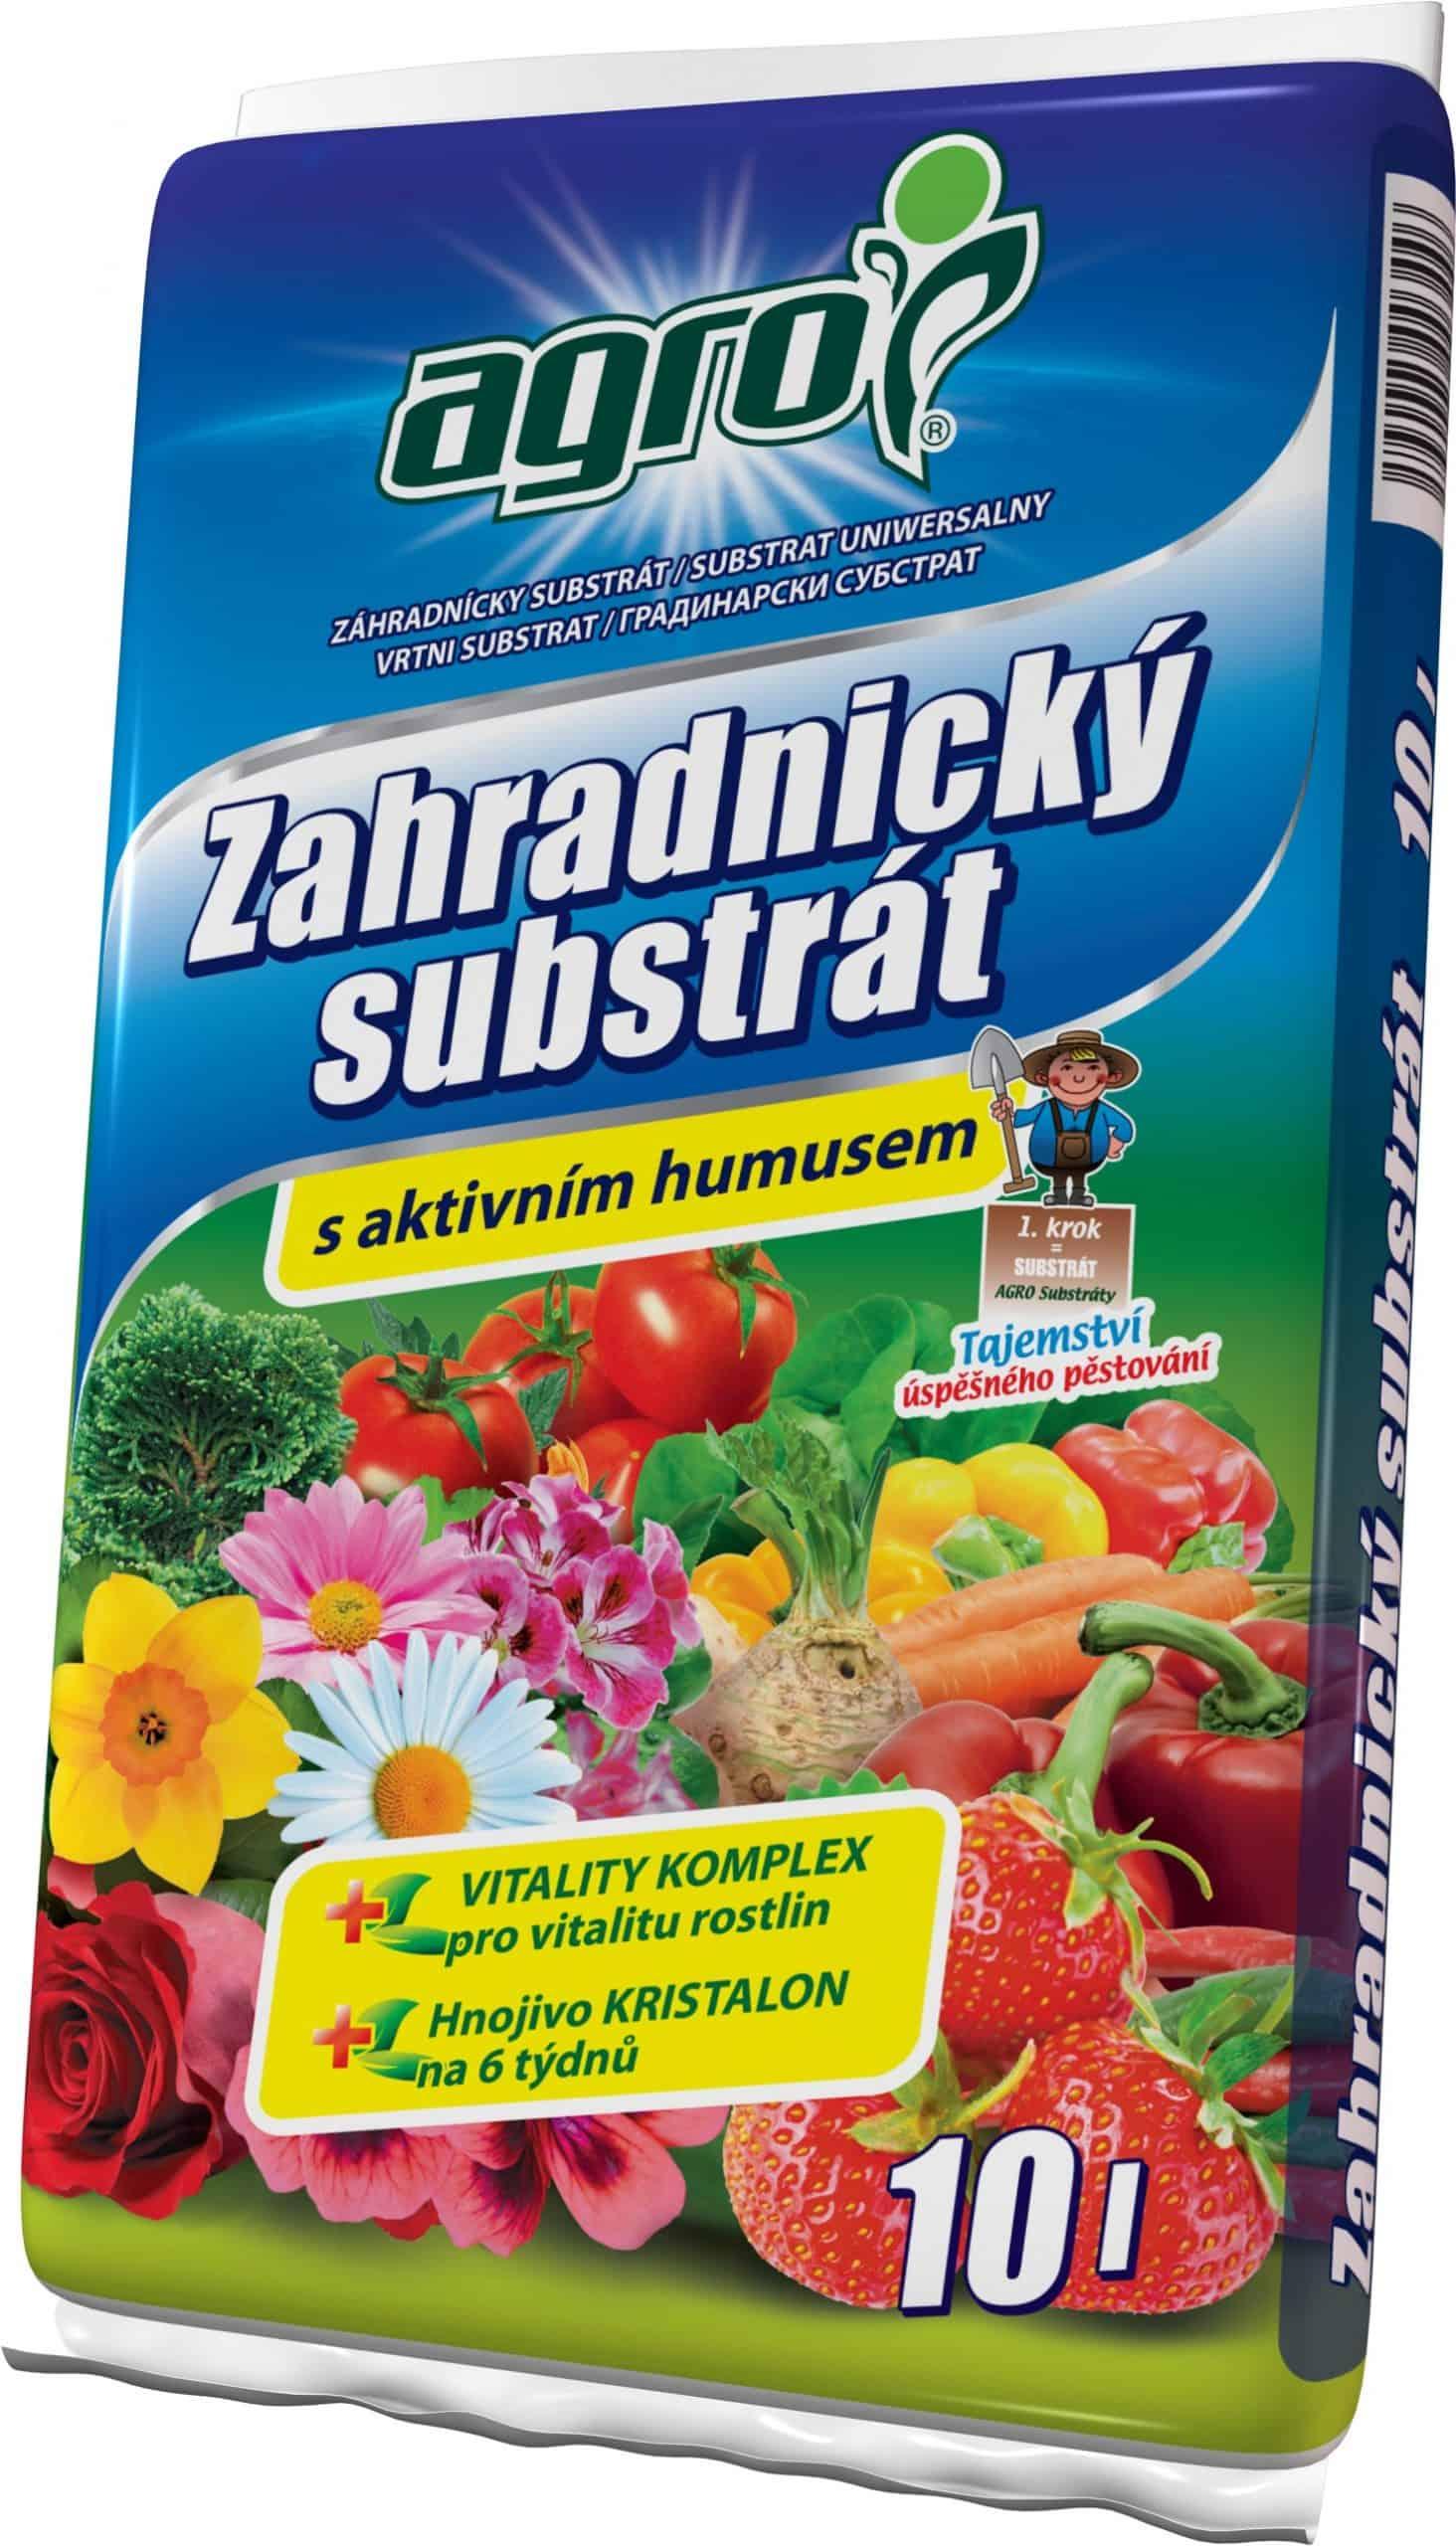 AGRO Záhradnícky substrát 10l